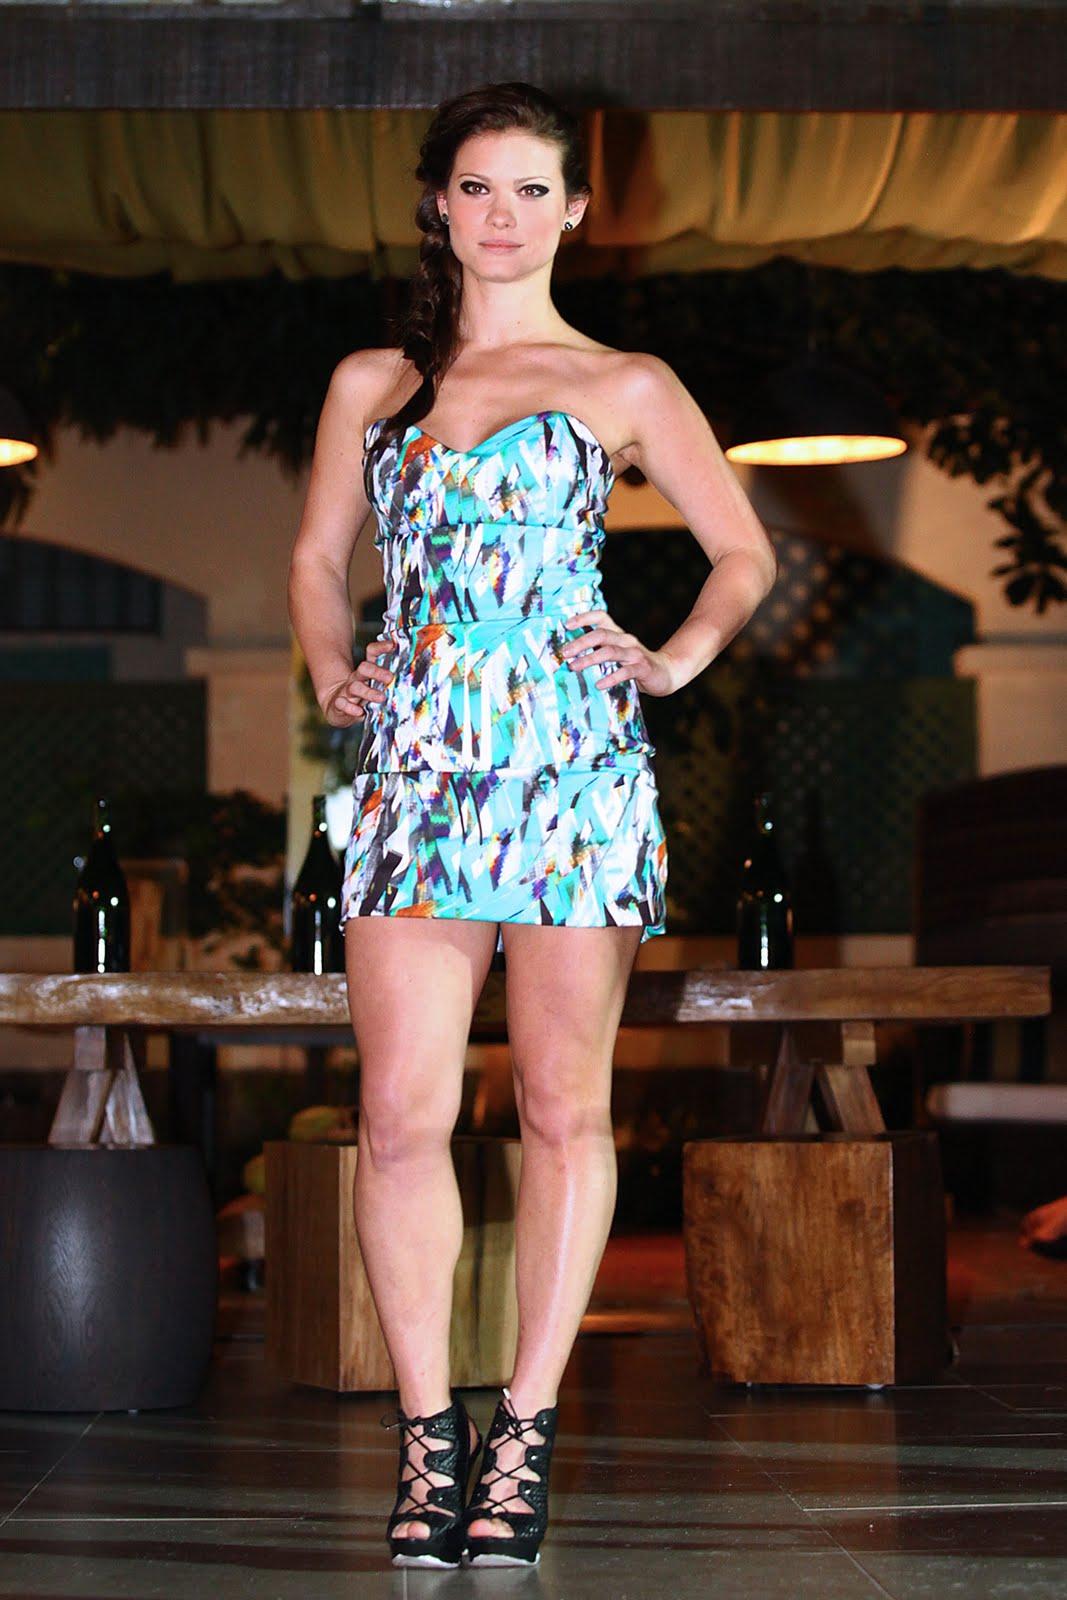 Karen Junqueira Nude Photos 5